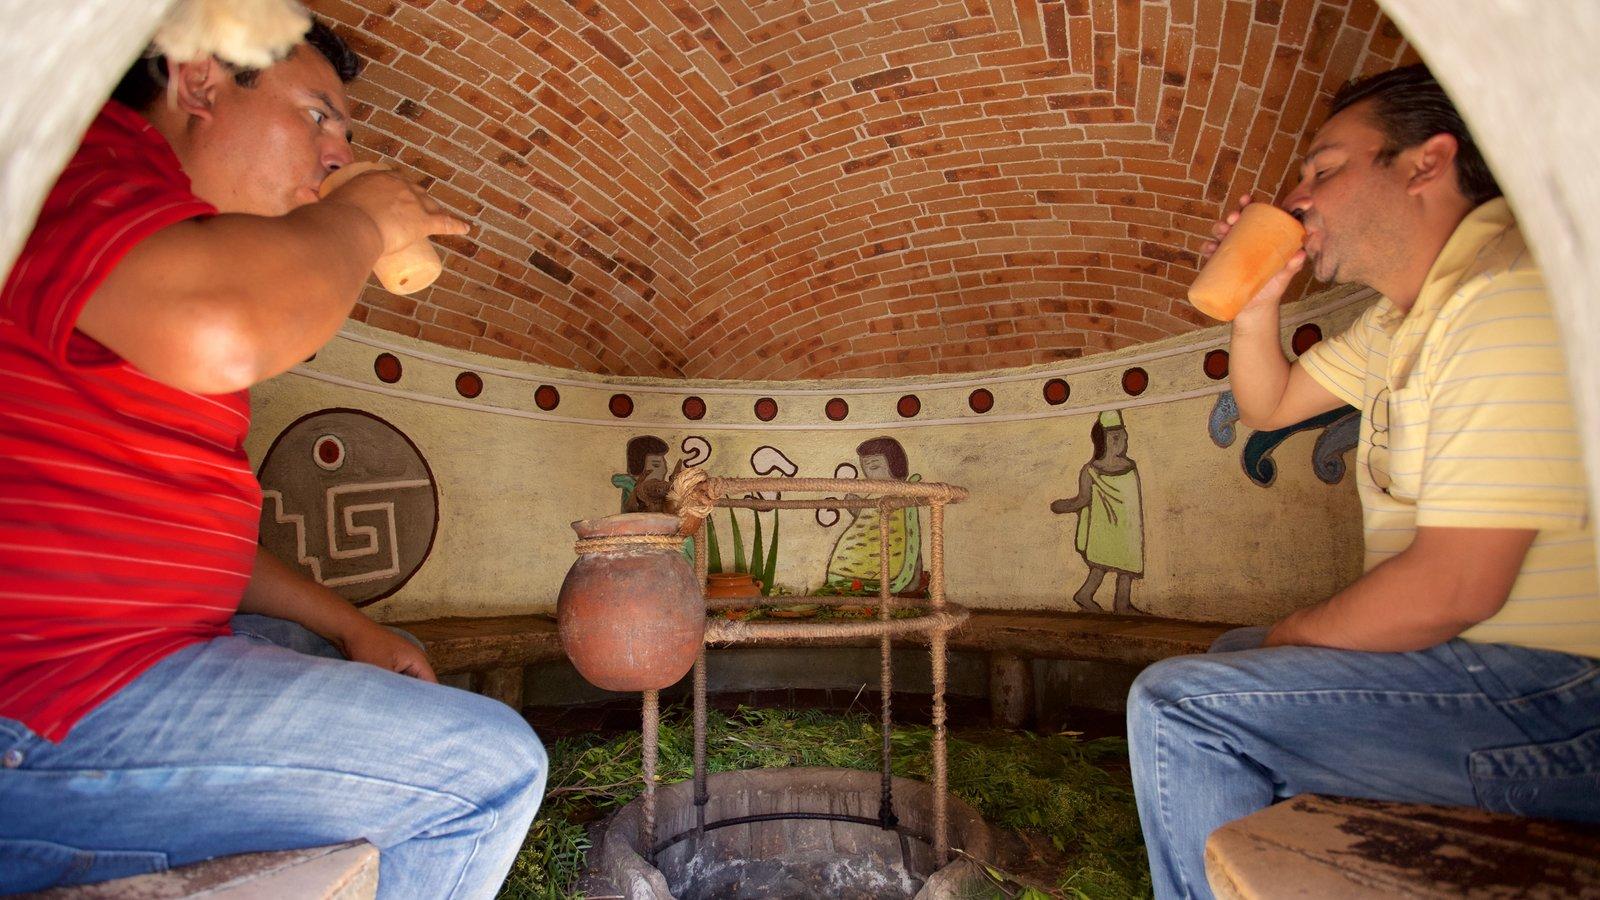 Tequisquiapan caracterizando elementos de patrimônio e vistas internas